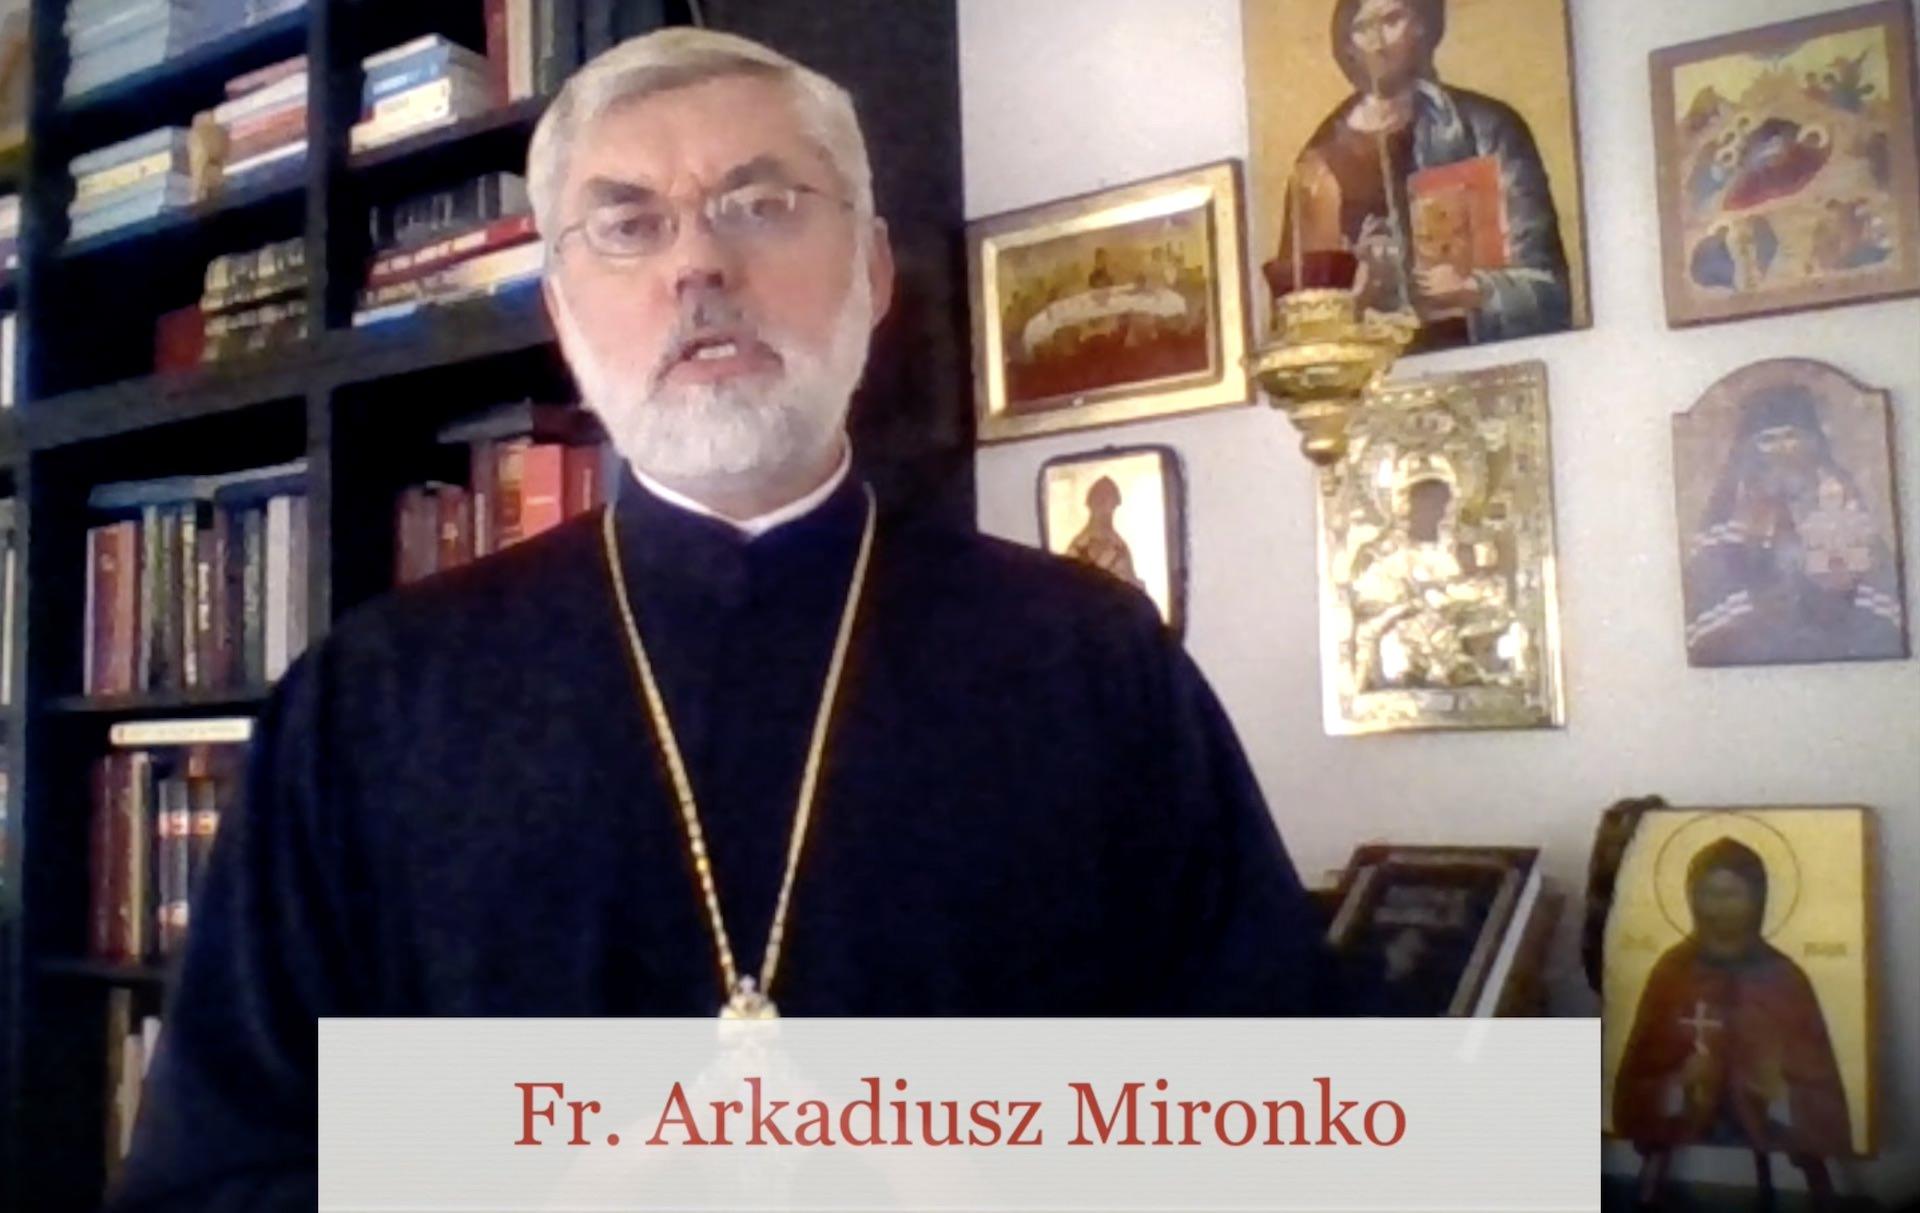 Fr Arkadiusz Mironko